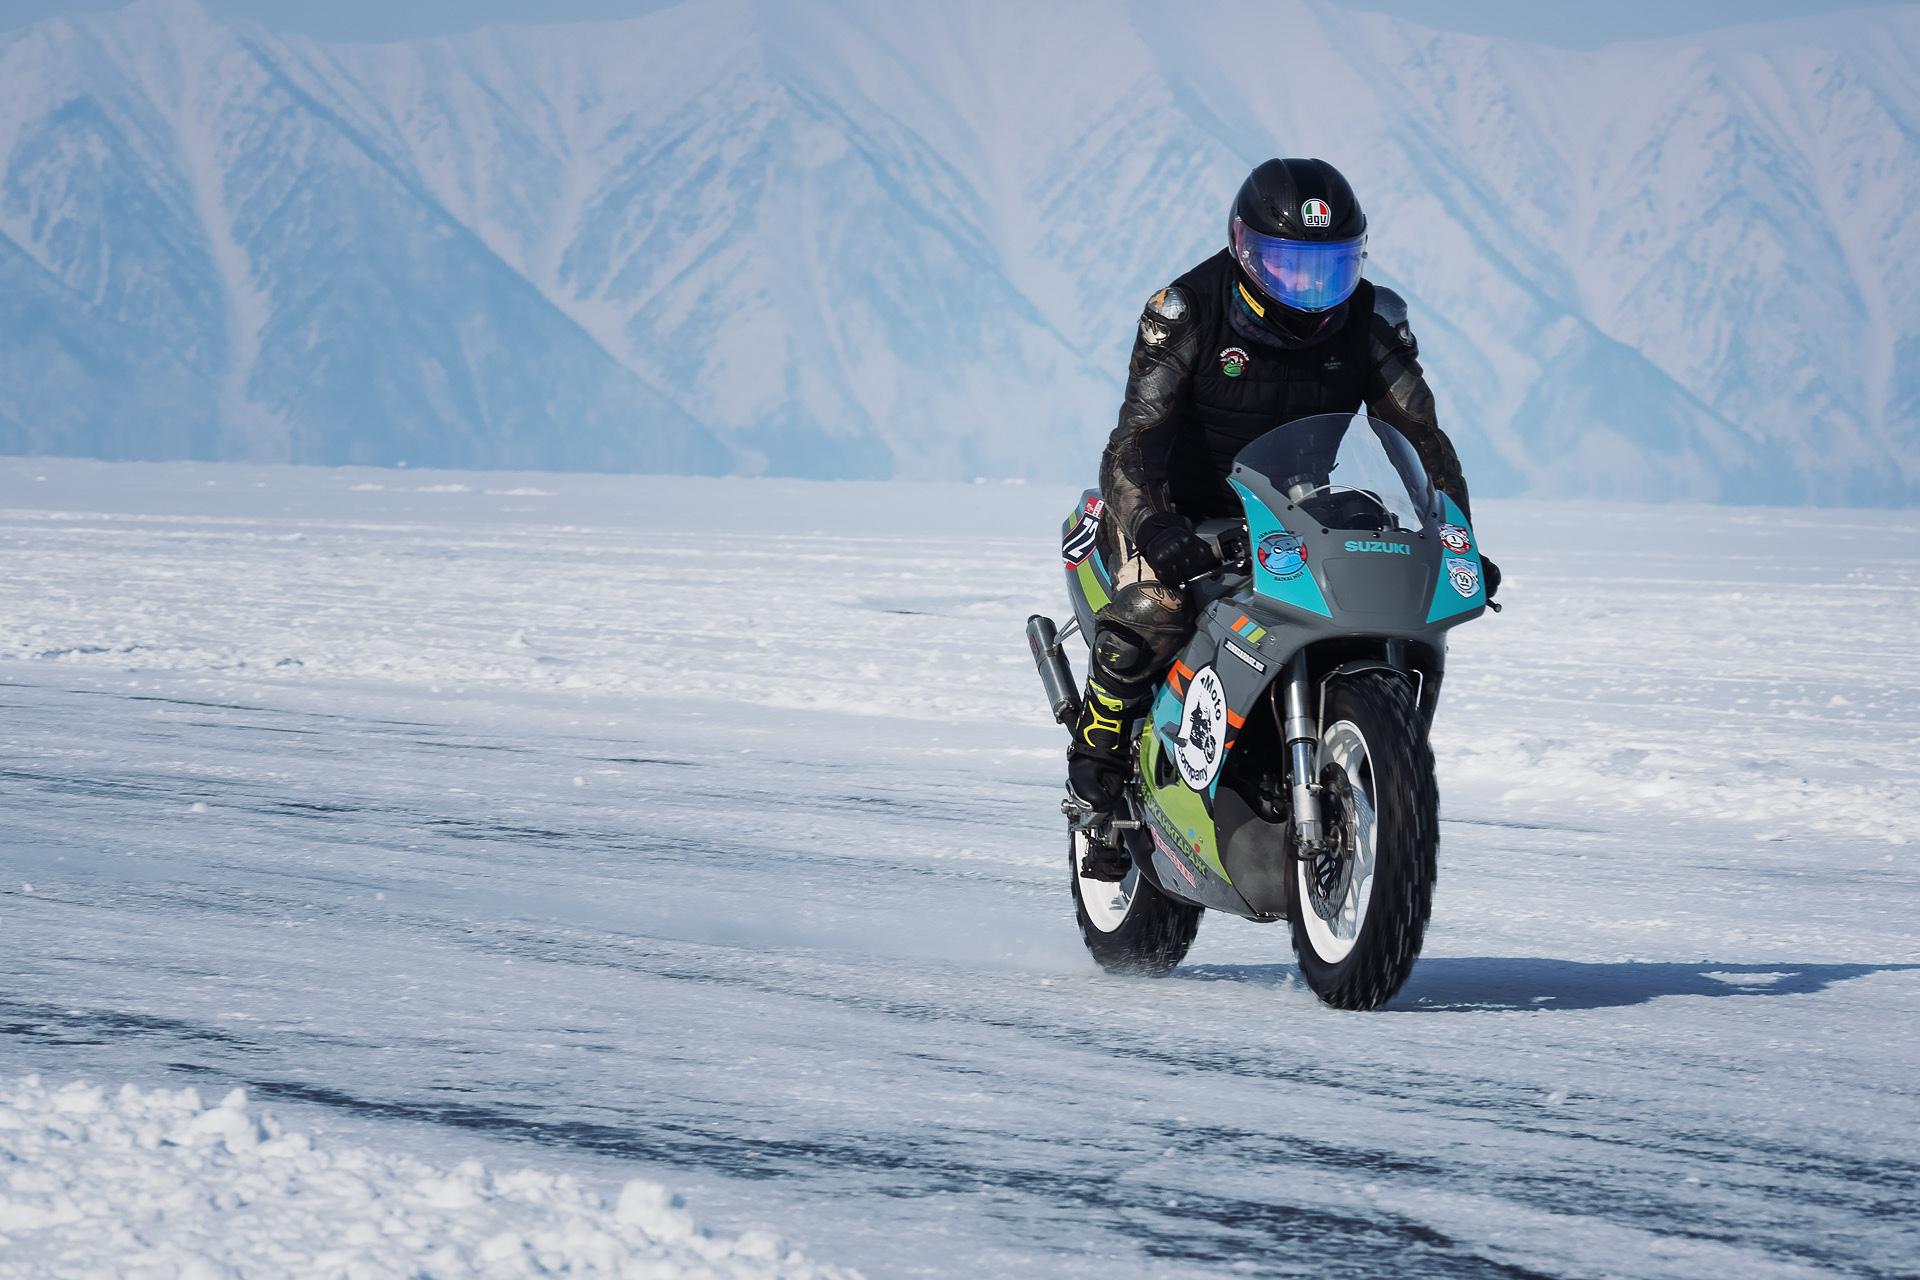 Байкальская Миля 2020 - Снегоцкий Николай Сергеевич Suzuki RGV 250 Gamma VJ 22 ЧИПы и Джанк